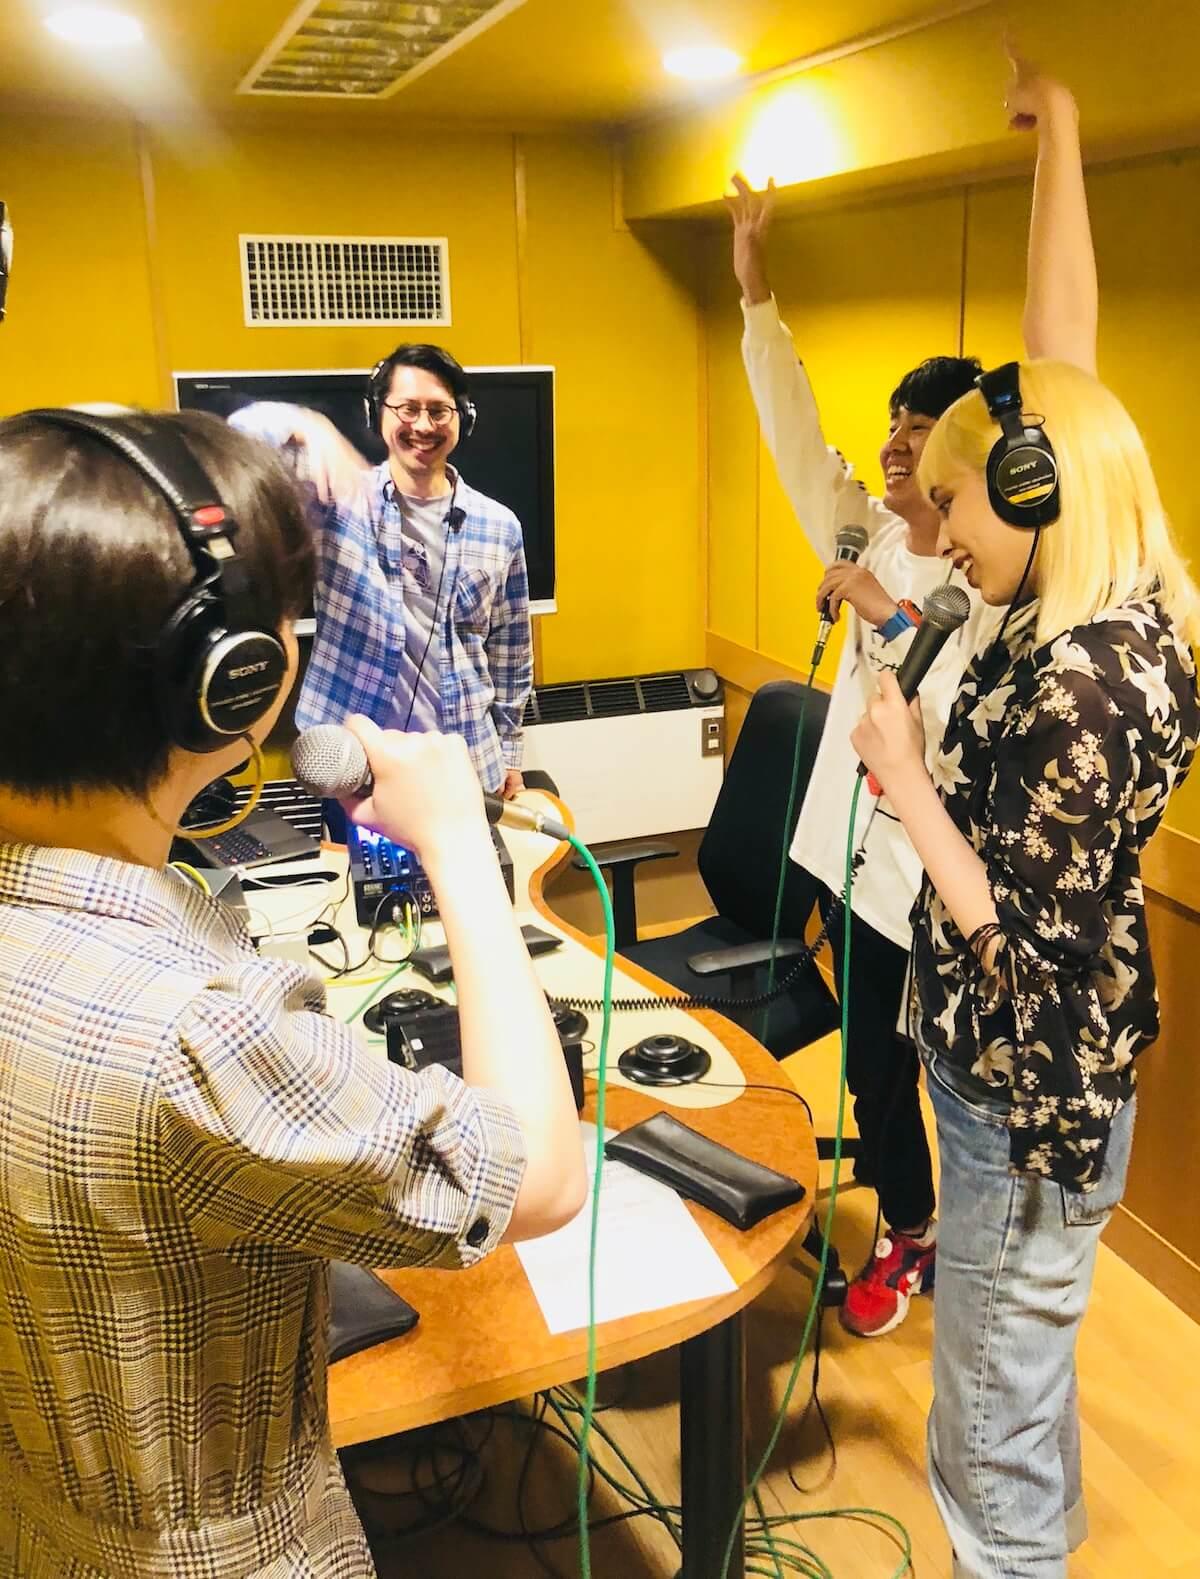 chelmicoが4週に渡りラジオでスタジオライブを披露!FM802『RADIO∞INFINITY』に登場 music190530radioinfinity-chelmico_2